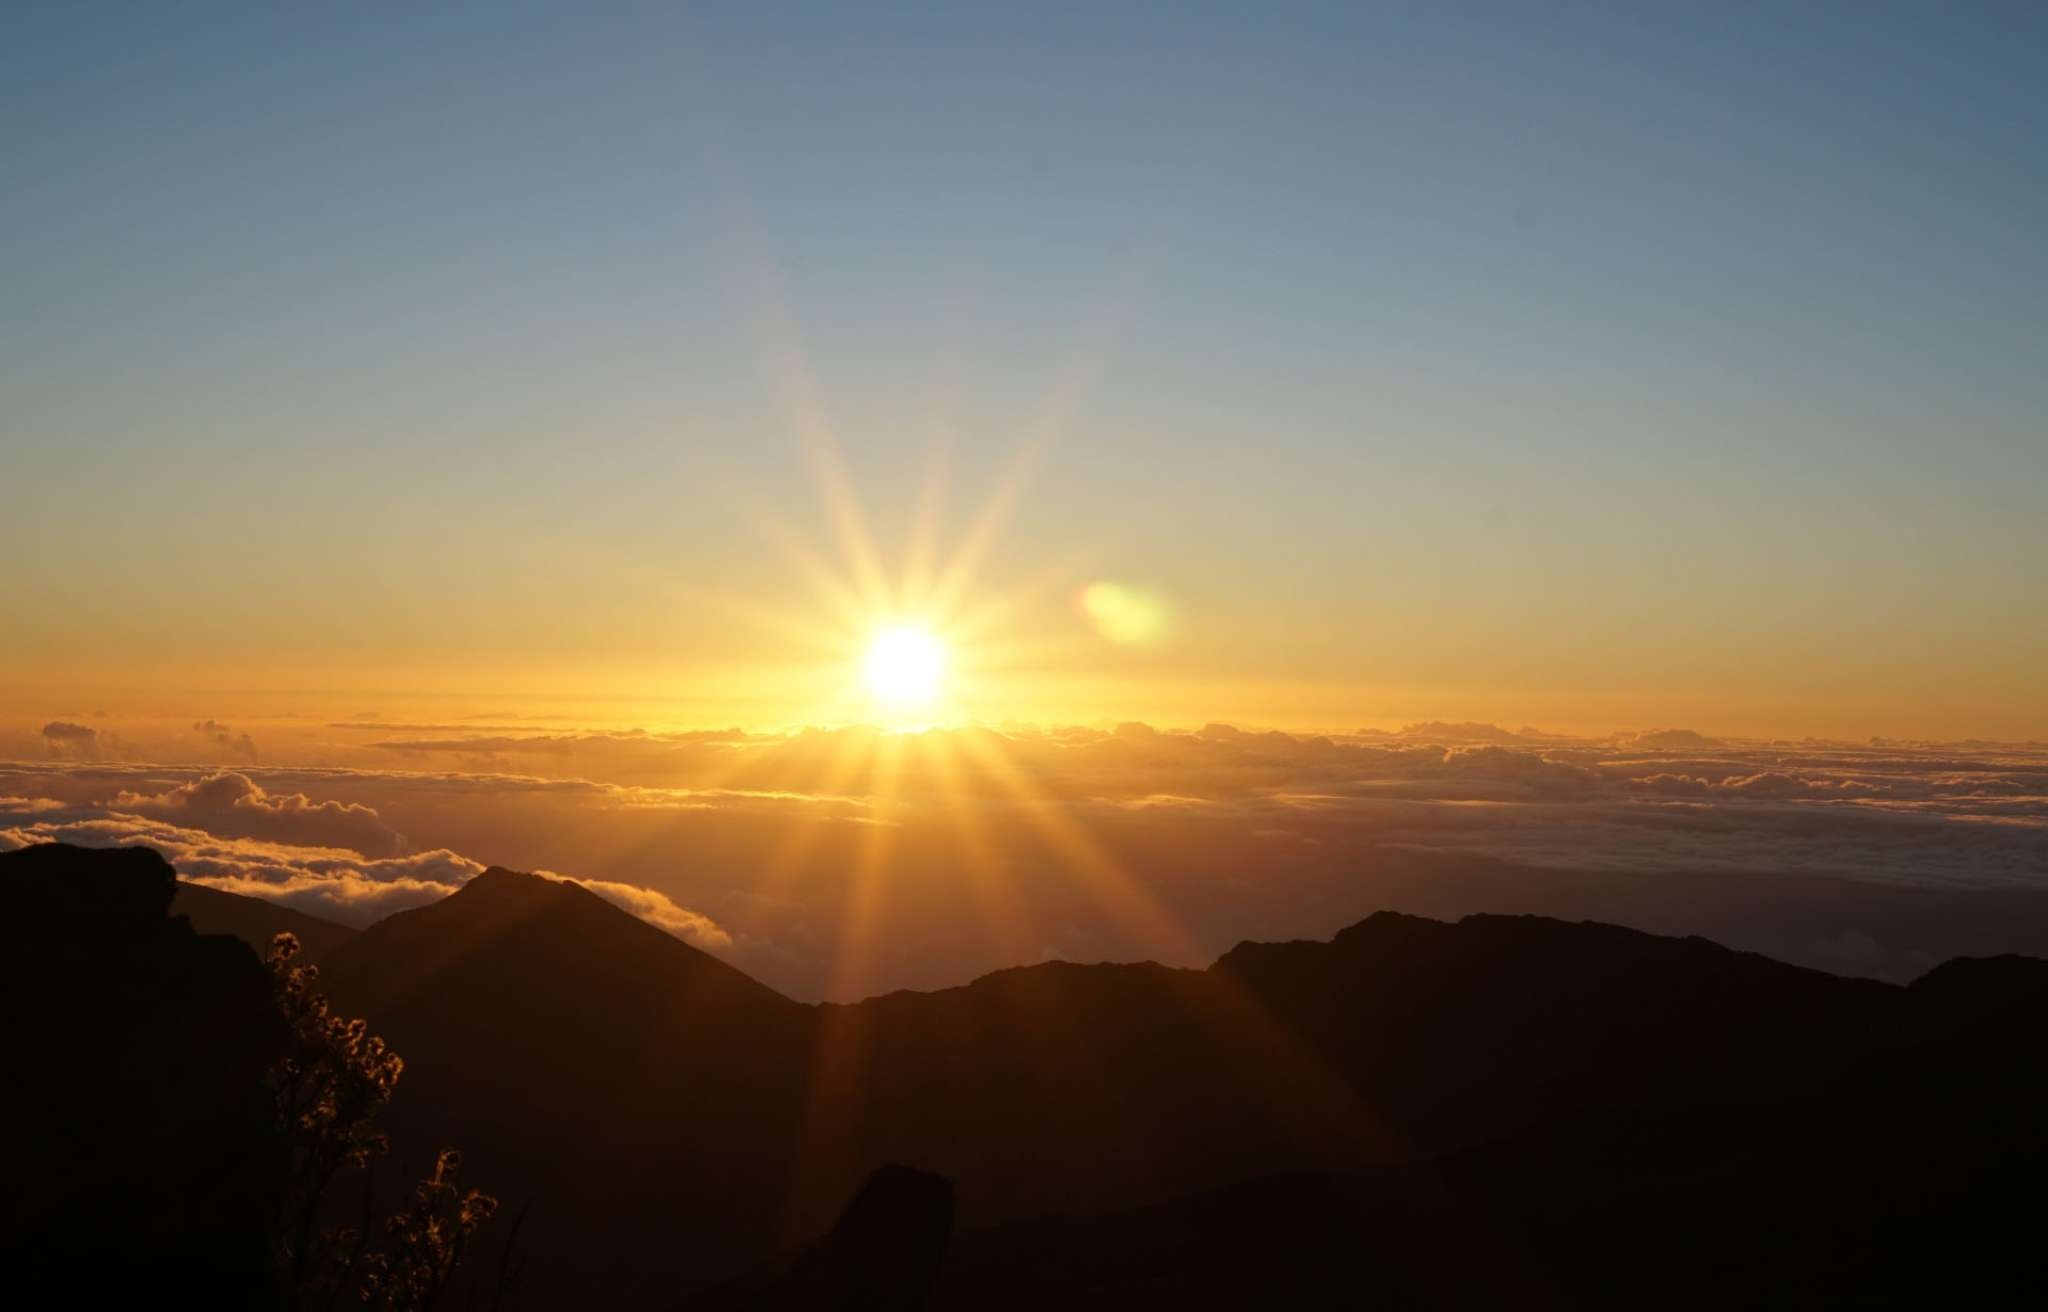 Haleakalā Classic Sunrise Tour at Haleakalā National Park